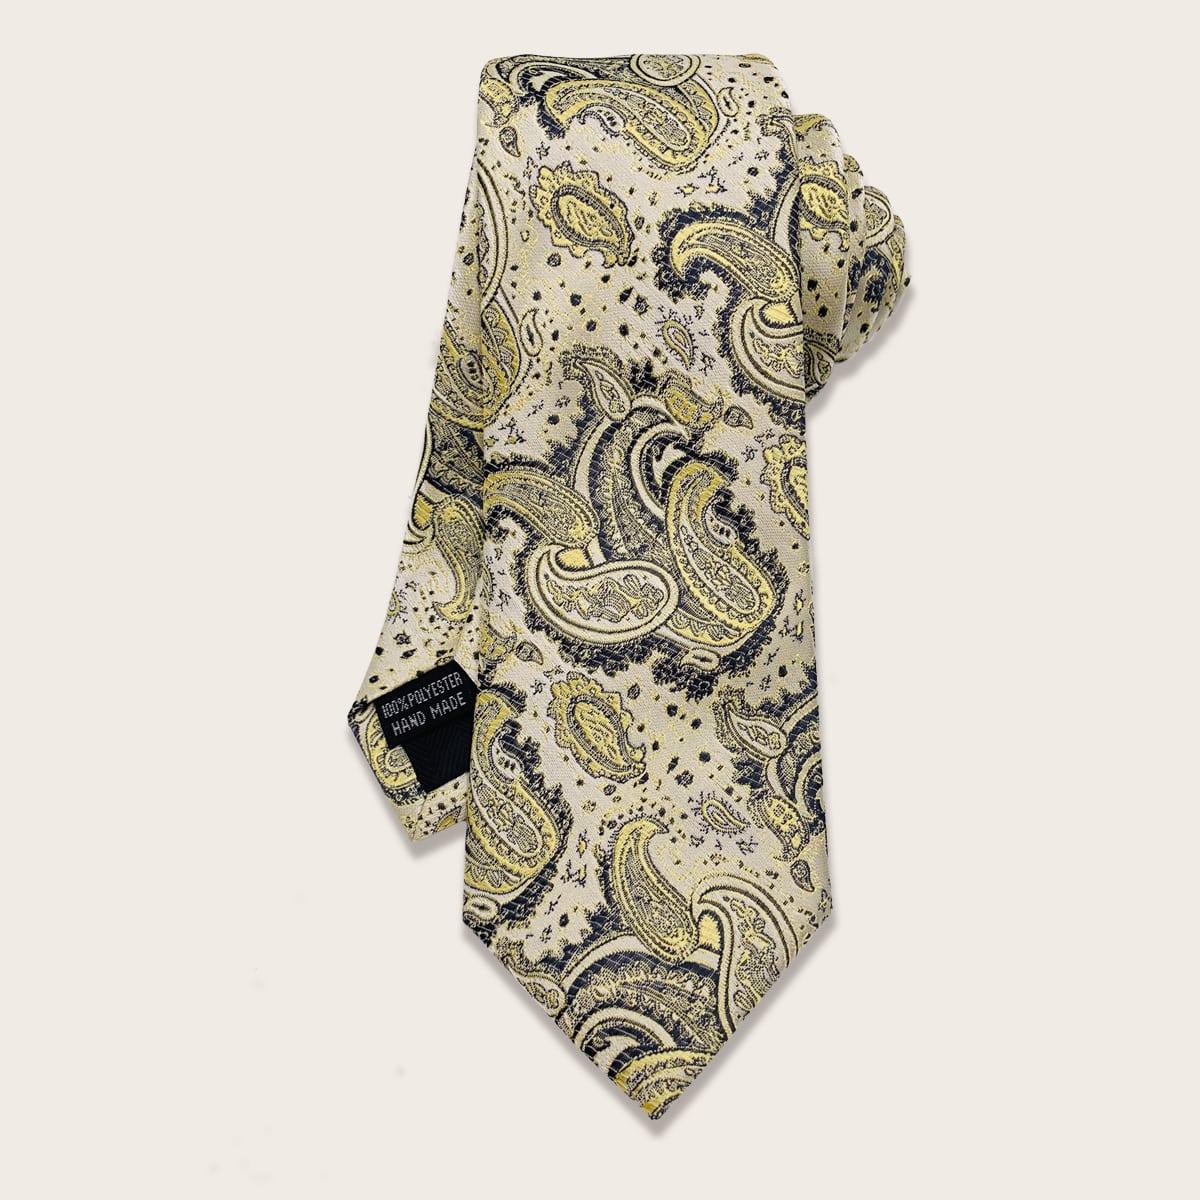 Мужской галстук с оригинальным узором фото